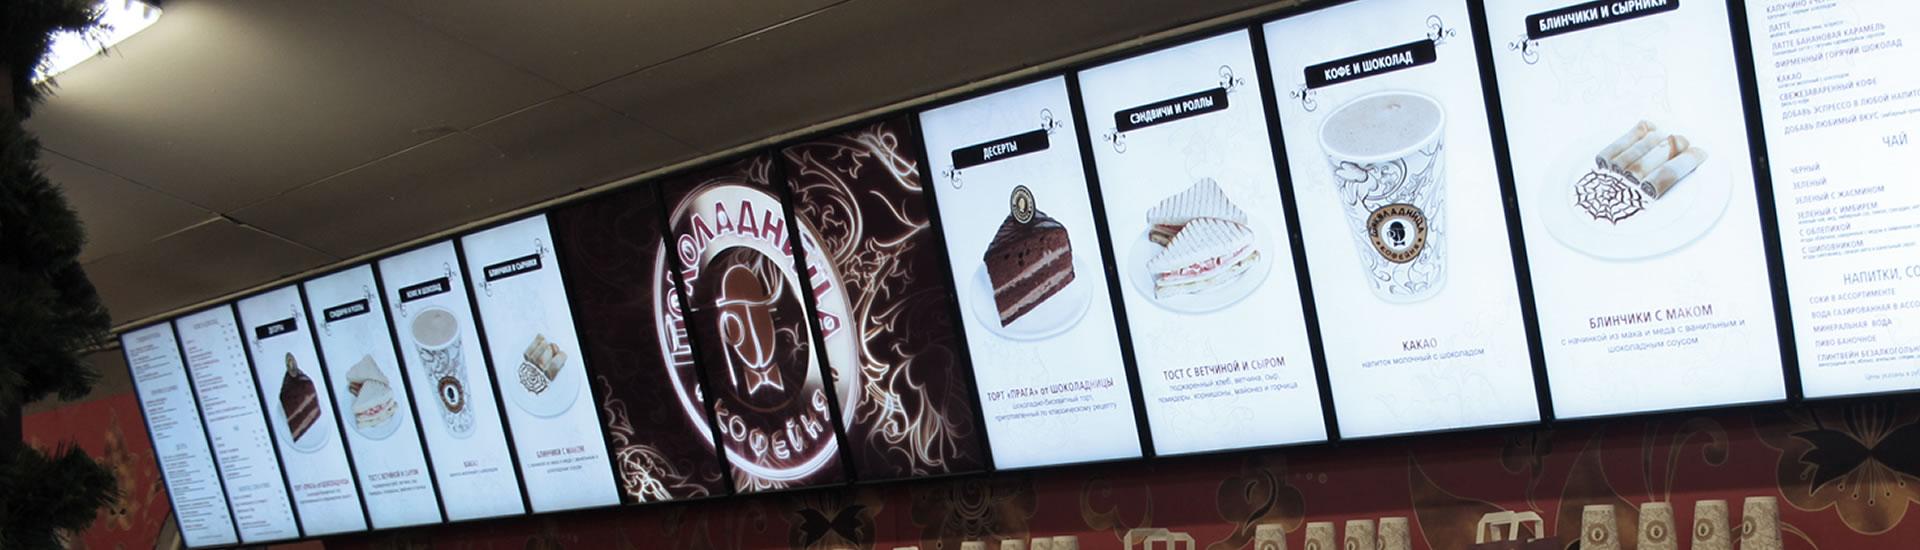 תפריטים דיגיטליים במסעדה ובית קפה – יתרונות השימוש במסכים מאחורי ולצד הקופות